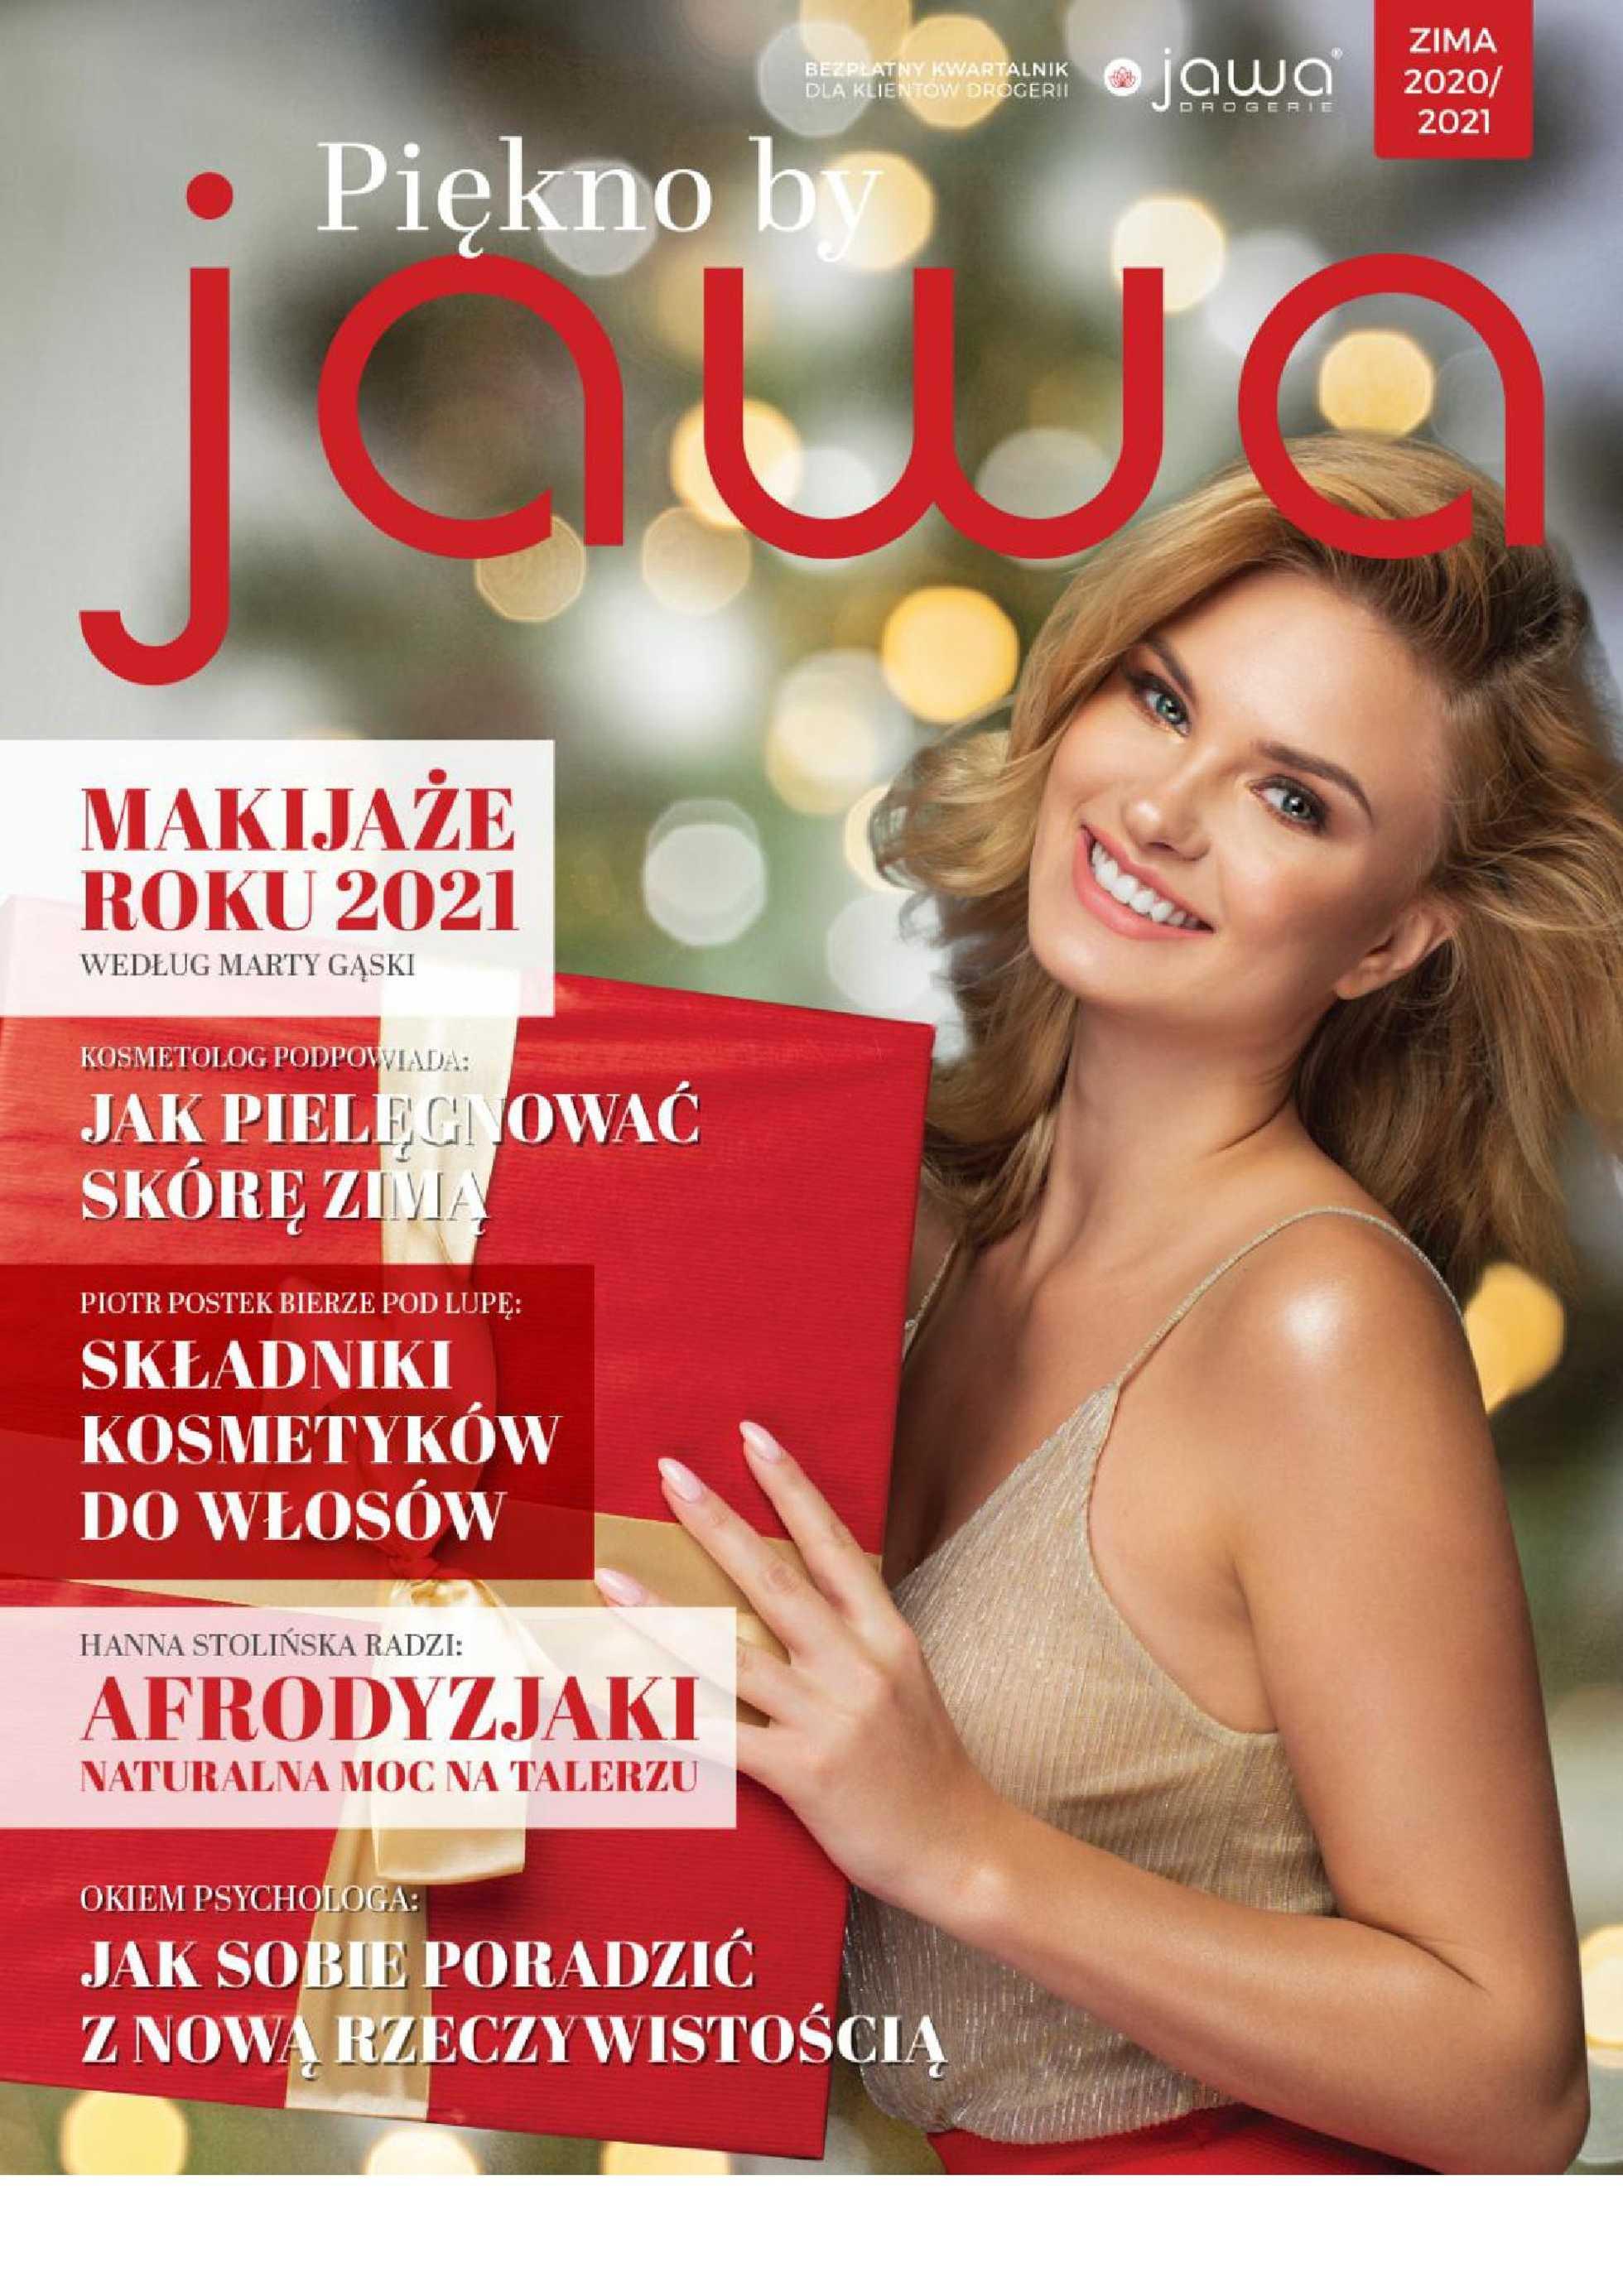 Jawa Drogerie - gazetka promocyjna ważna od 21.12.2020 do 20.03.2021 - strona 1.